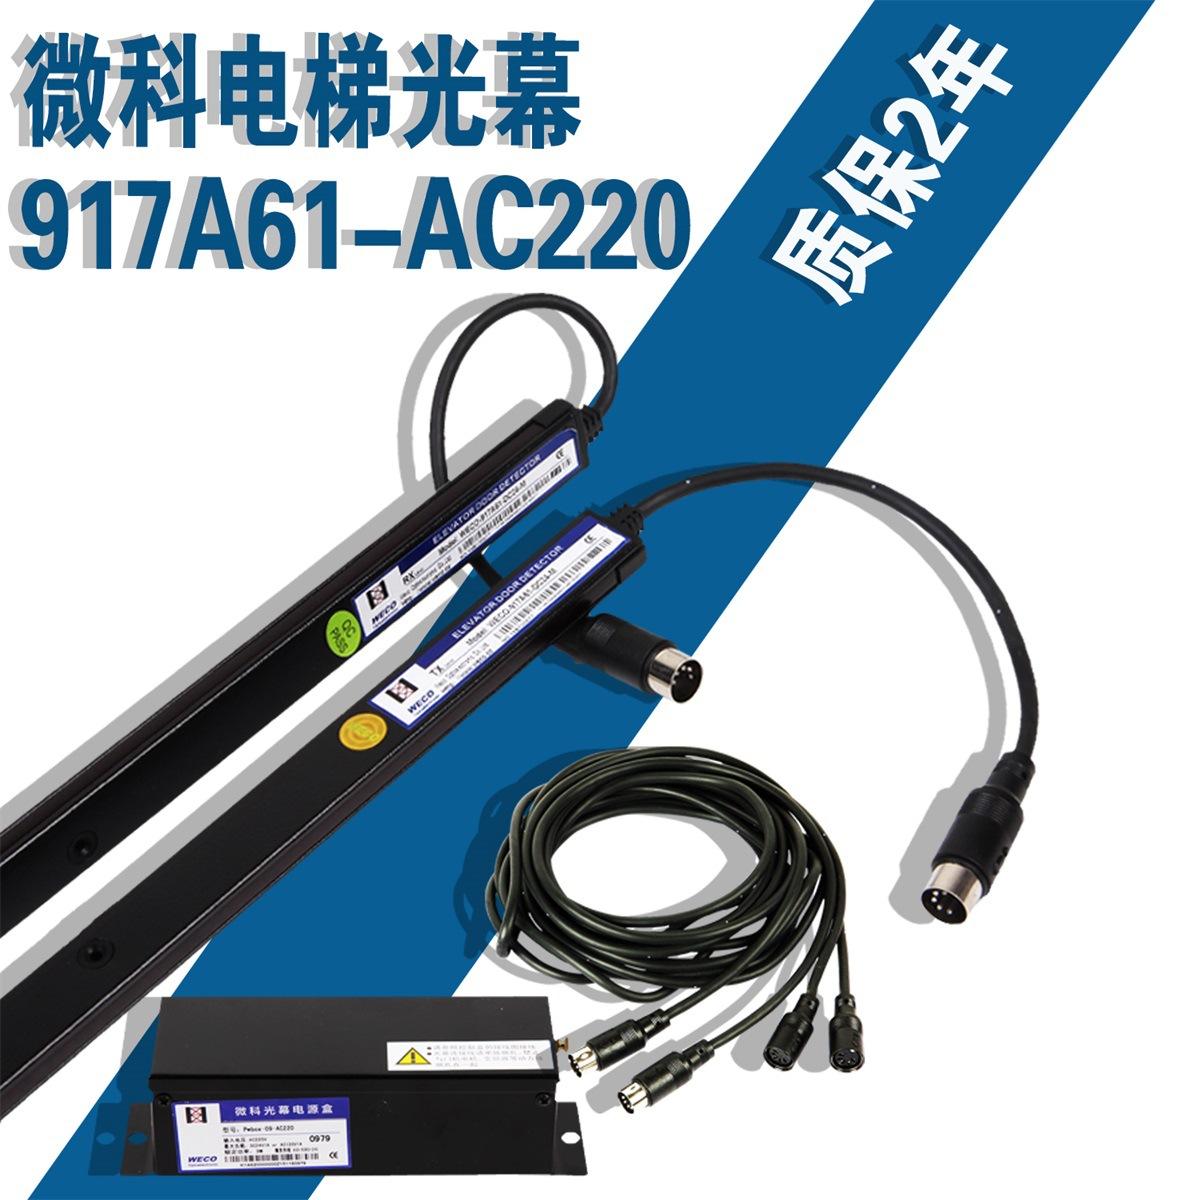 微科光幕917A61-AC220 标准型光幕配件 电梯配件 微科光幕